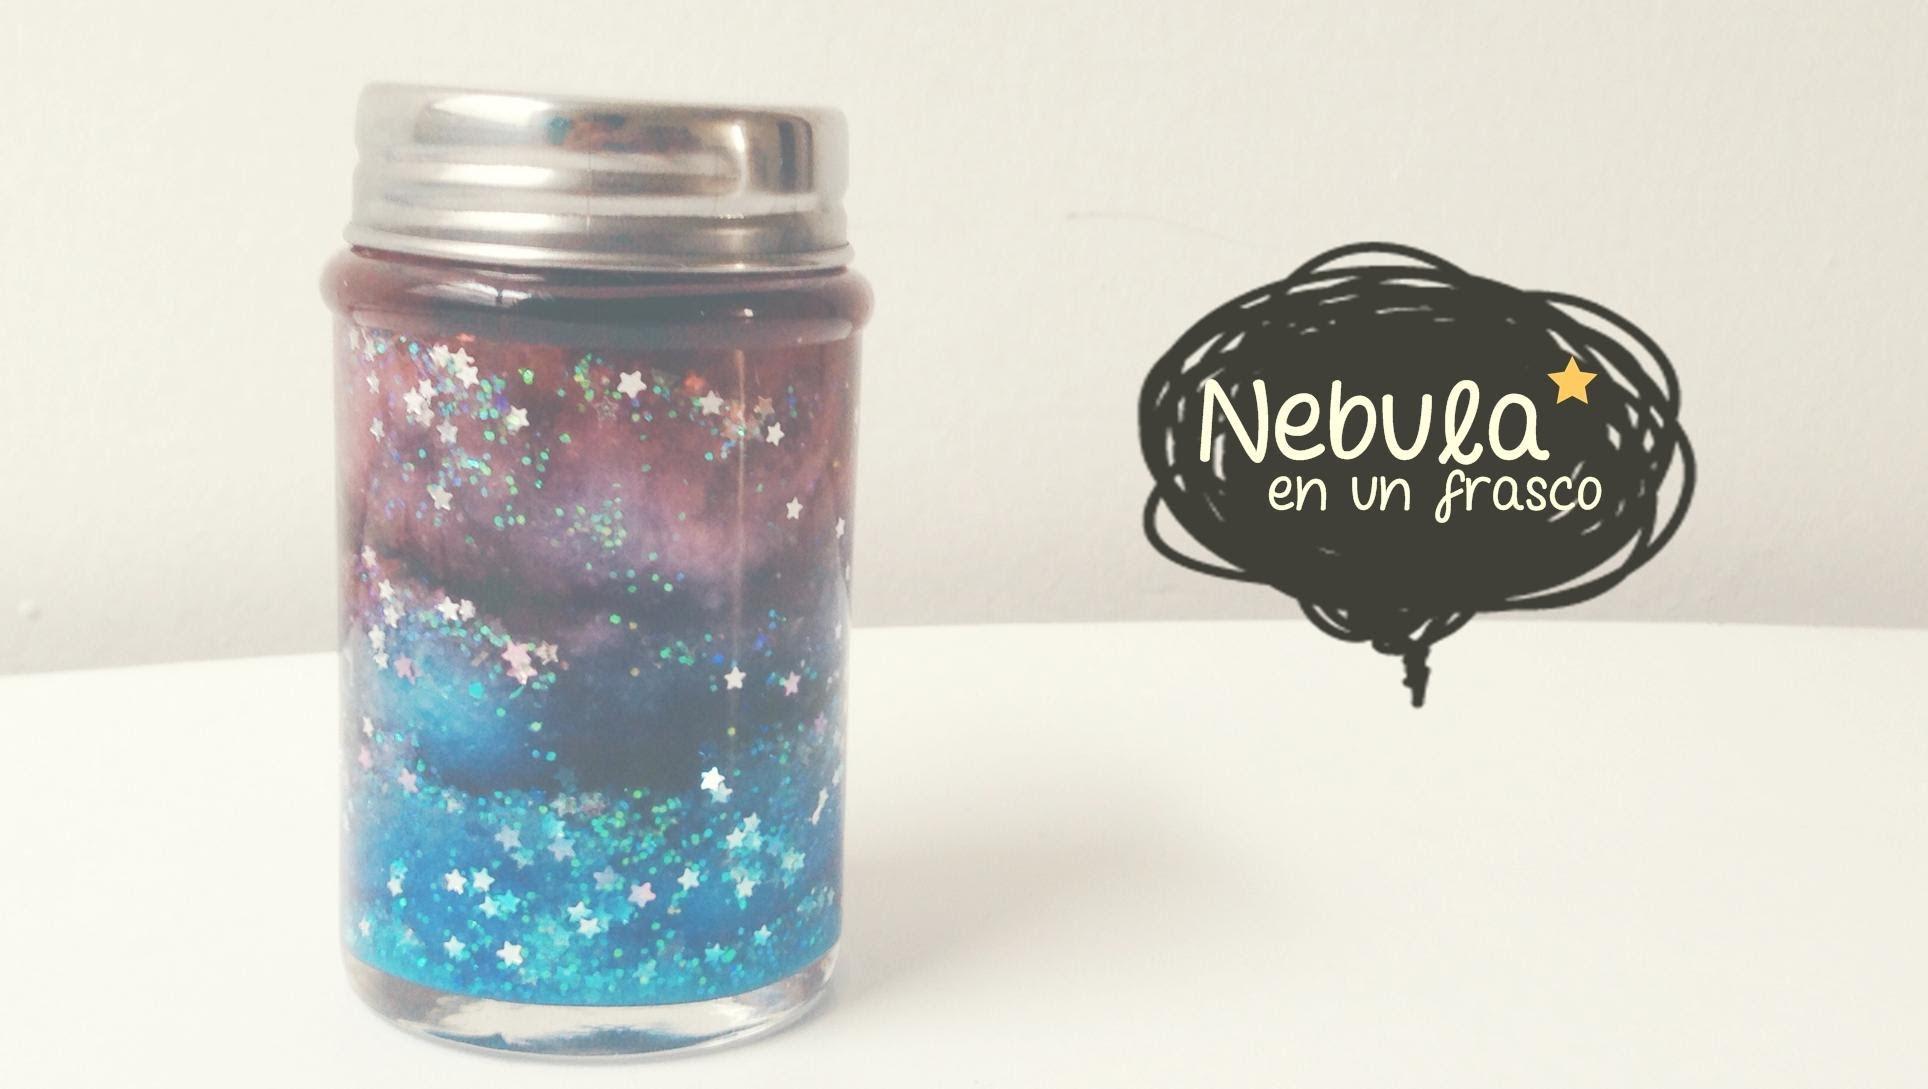 Encerramos una nebulosa en un frasco